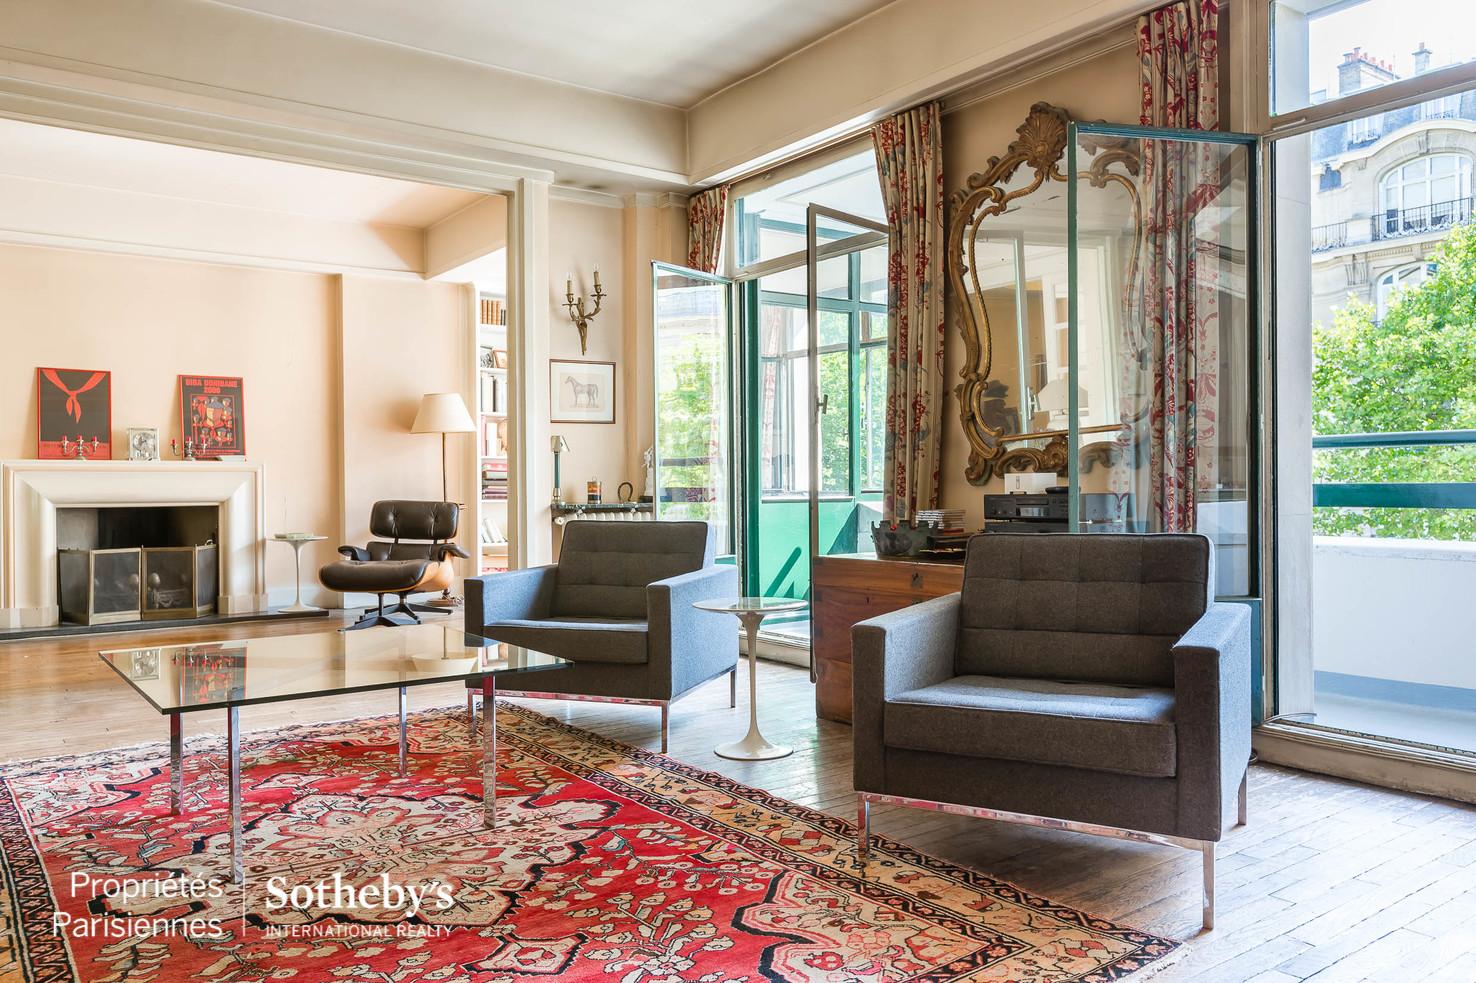 Property For Sale at Saint-Germain-des-Prés